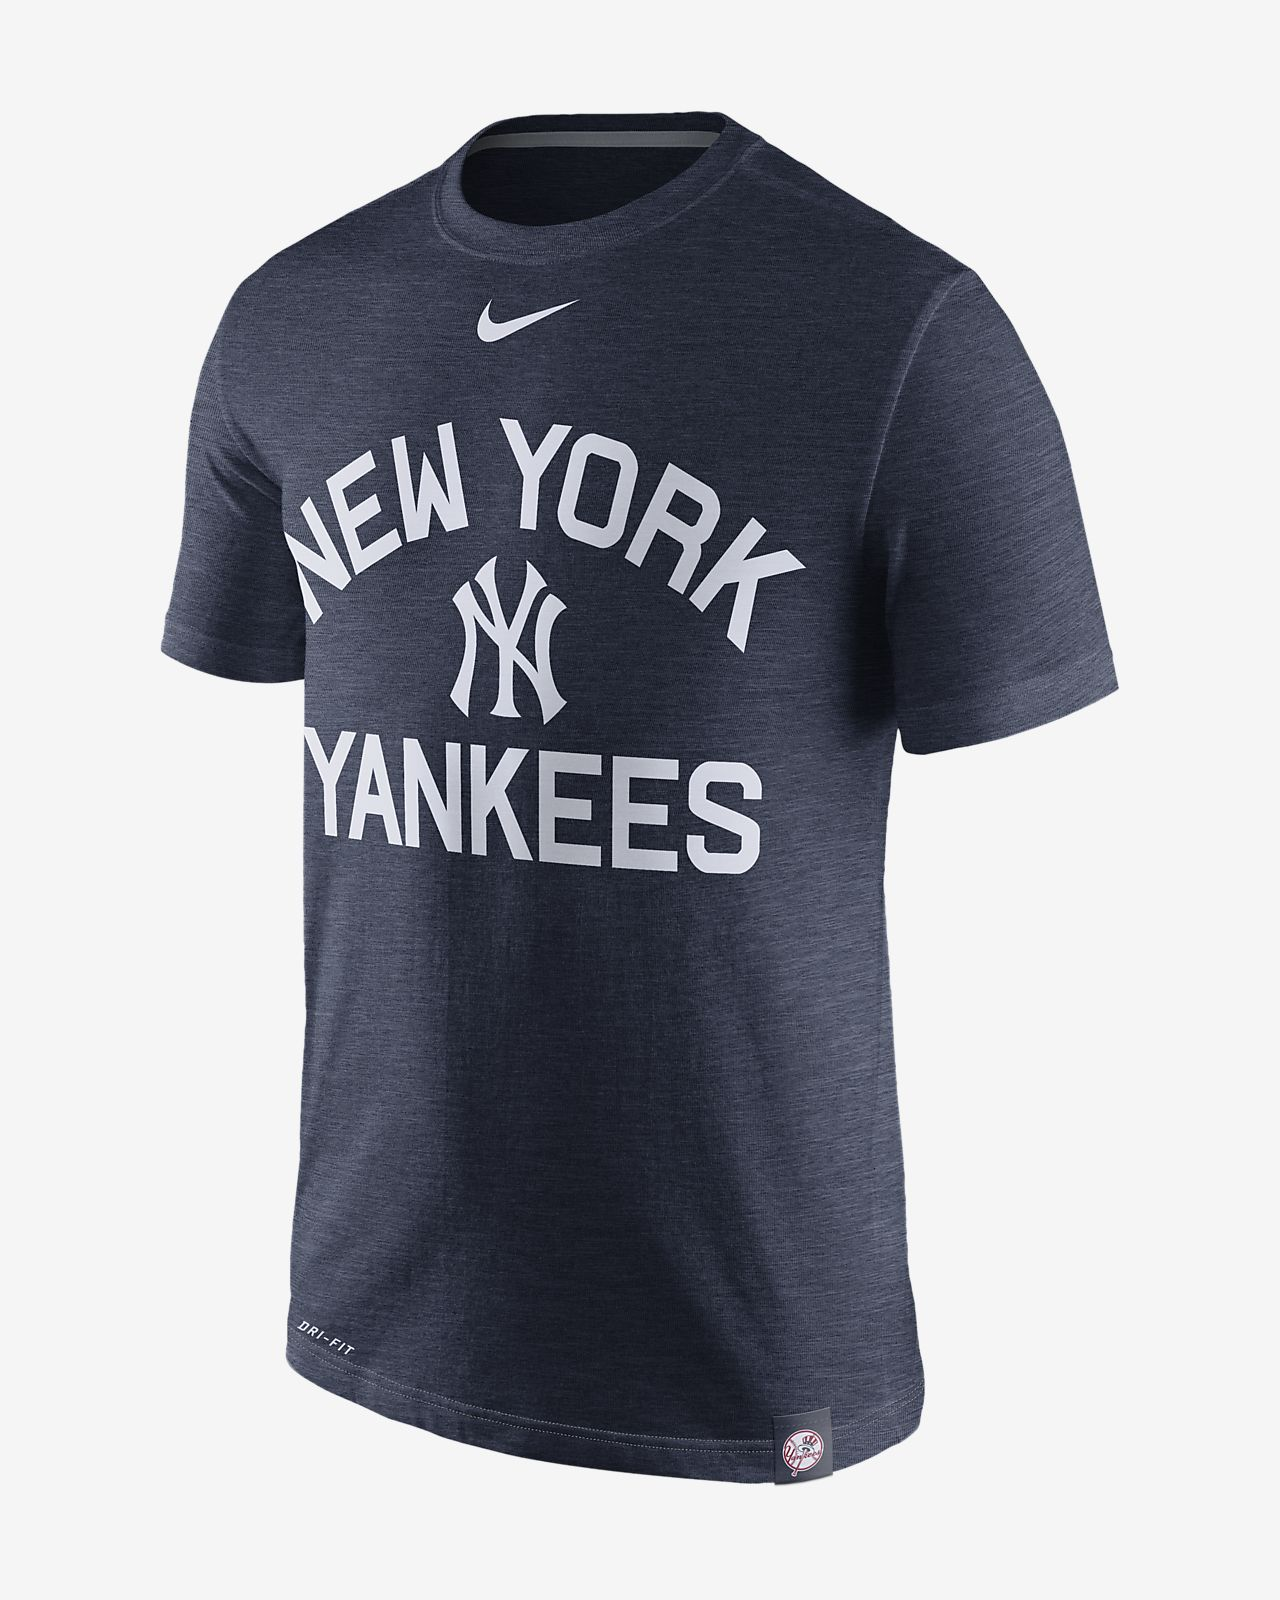 Nike Marled (MLB Yankees) Men's T-Shirts Navy